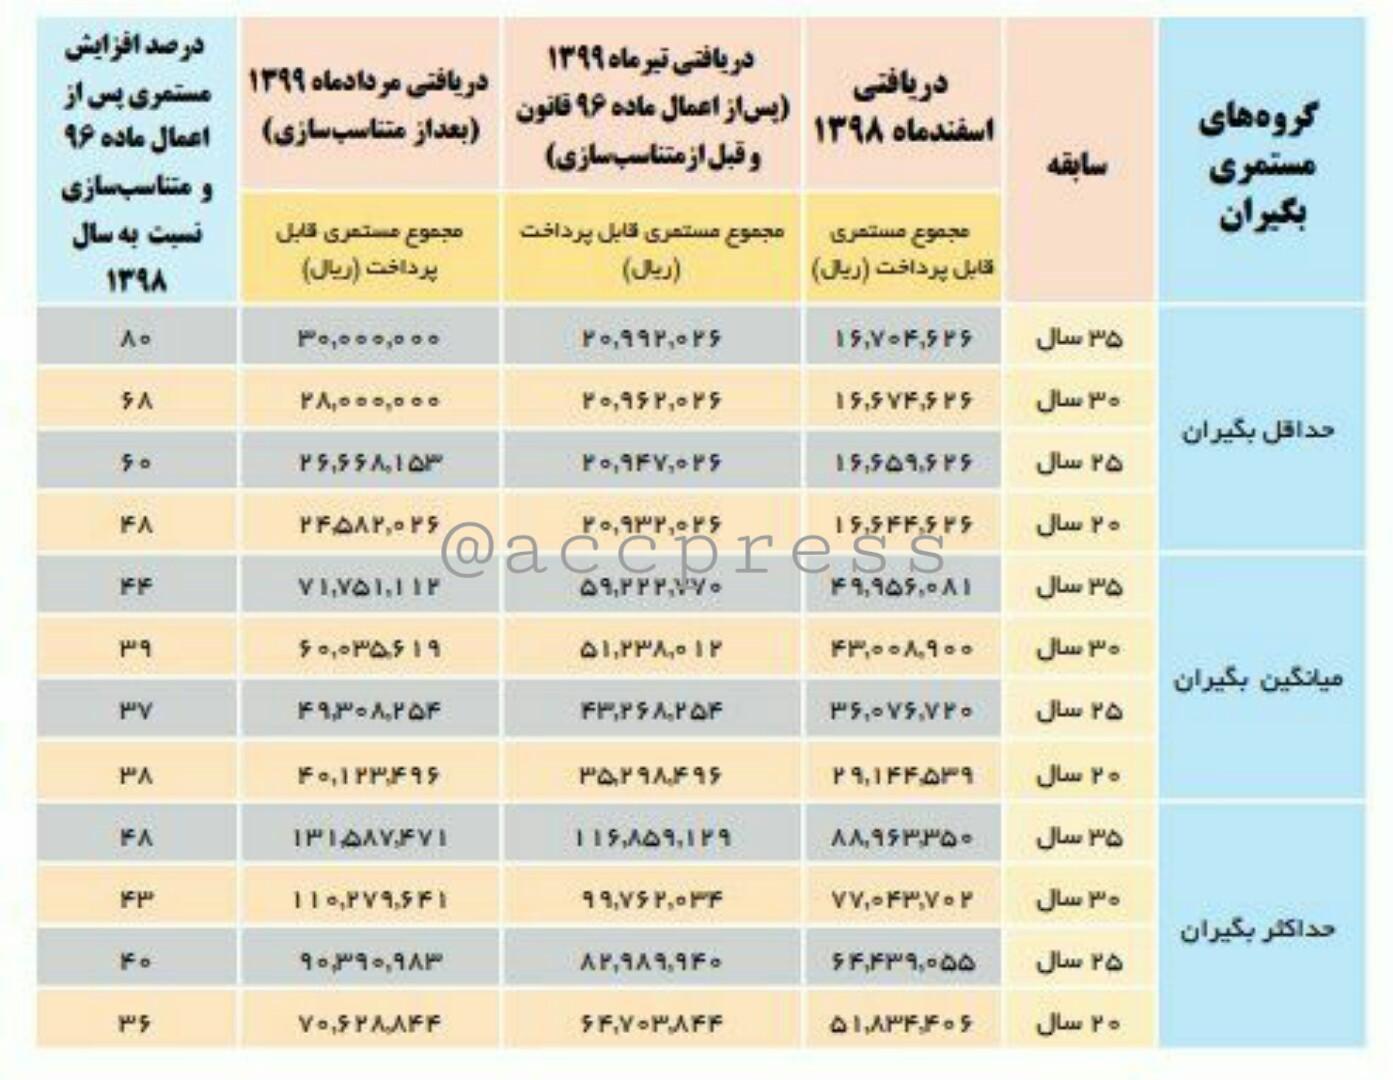 جدول افزایش حقوق بازنشستگان + هزینه زندگی ماهانه هر ایرانی